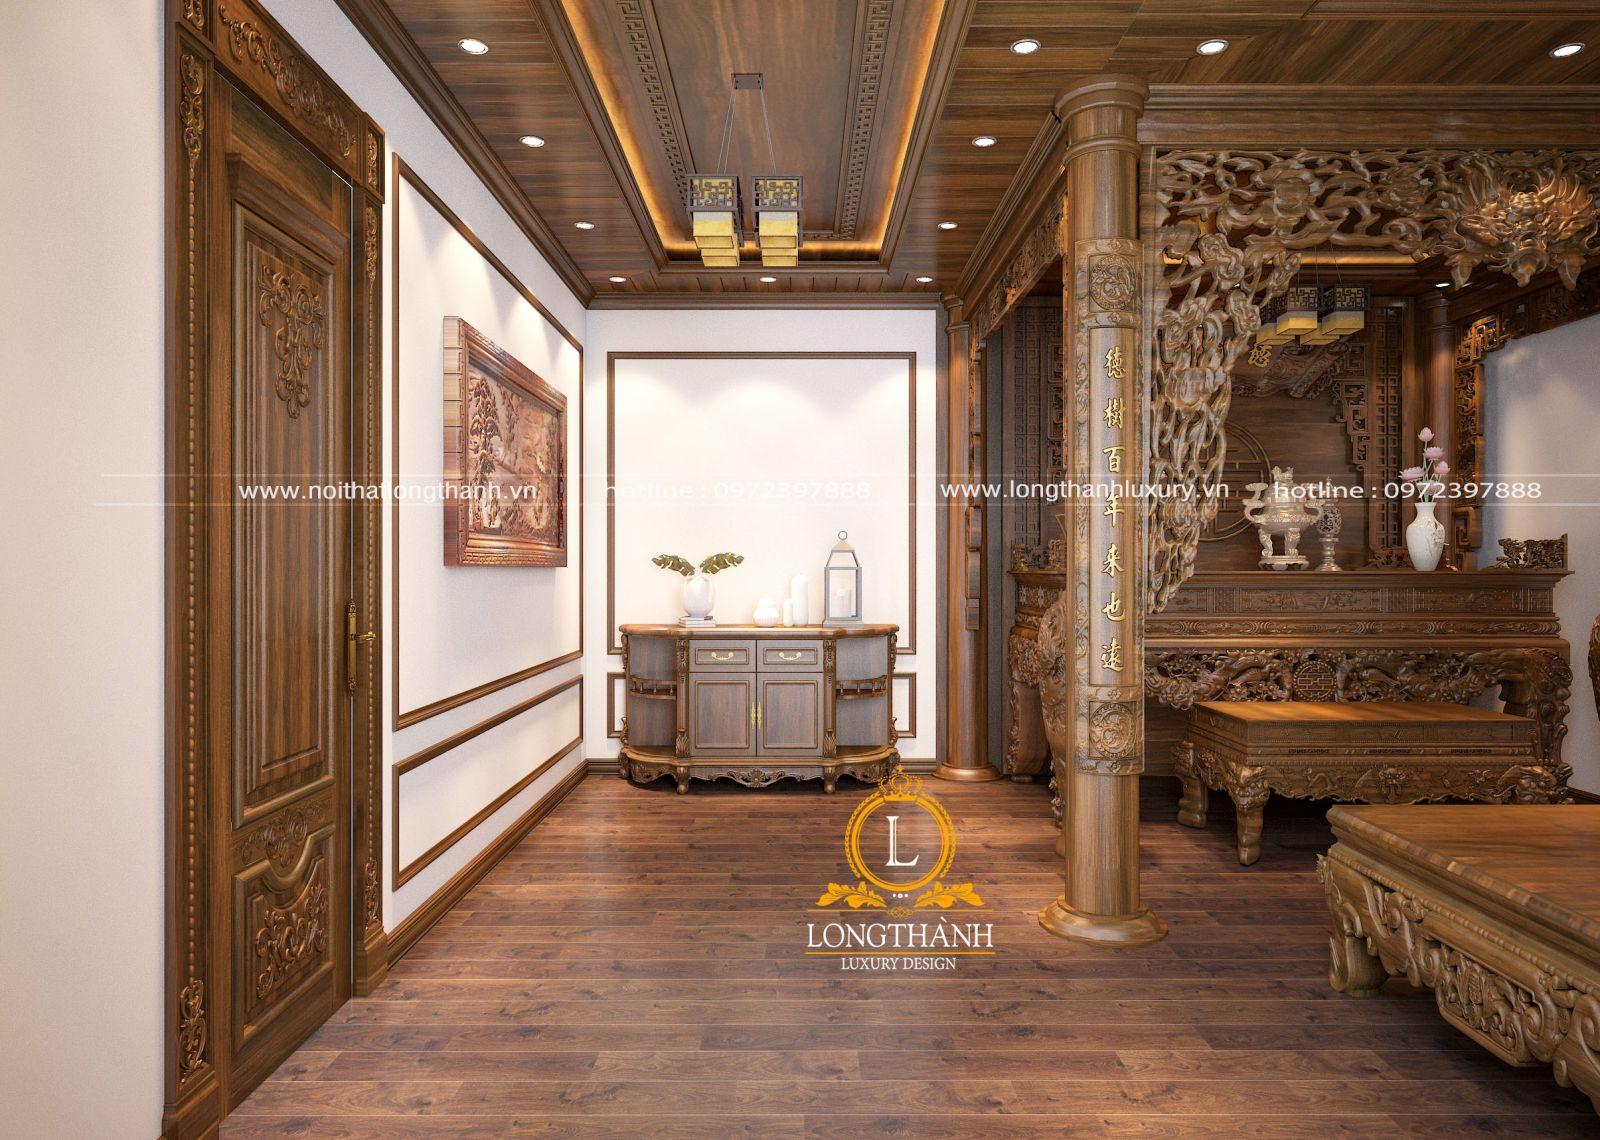 Nội thất phòng thờ tân cổ điển bằng gỗ sang trọng cho biệt thự rộng